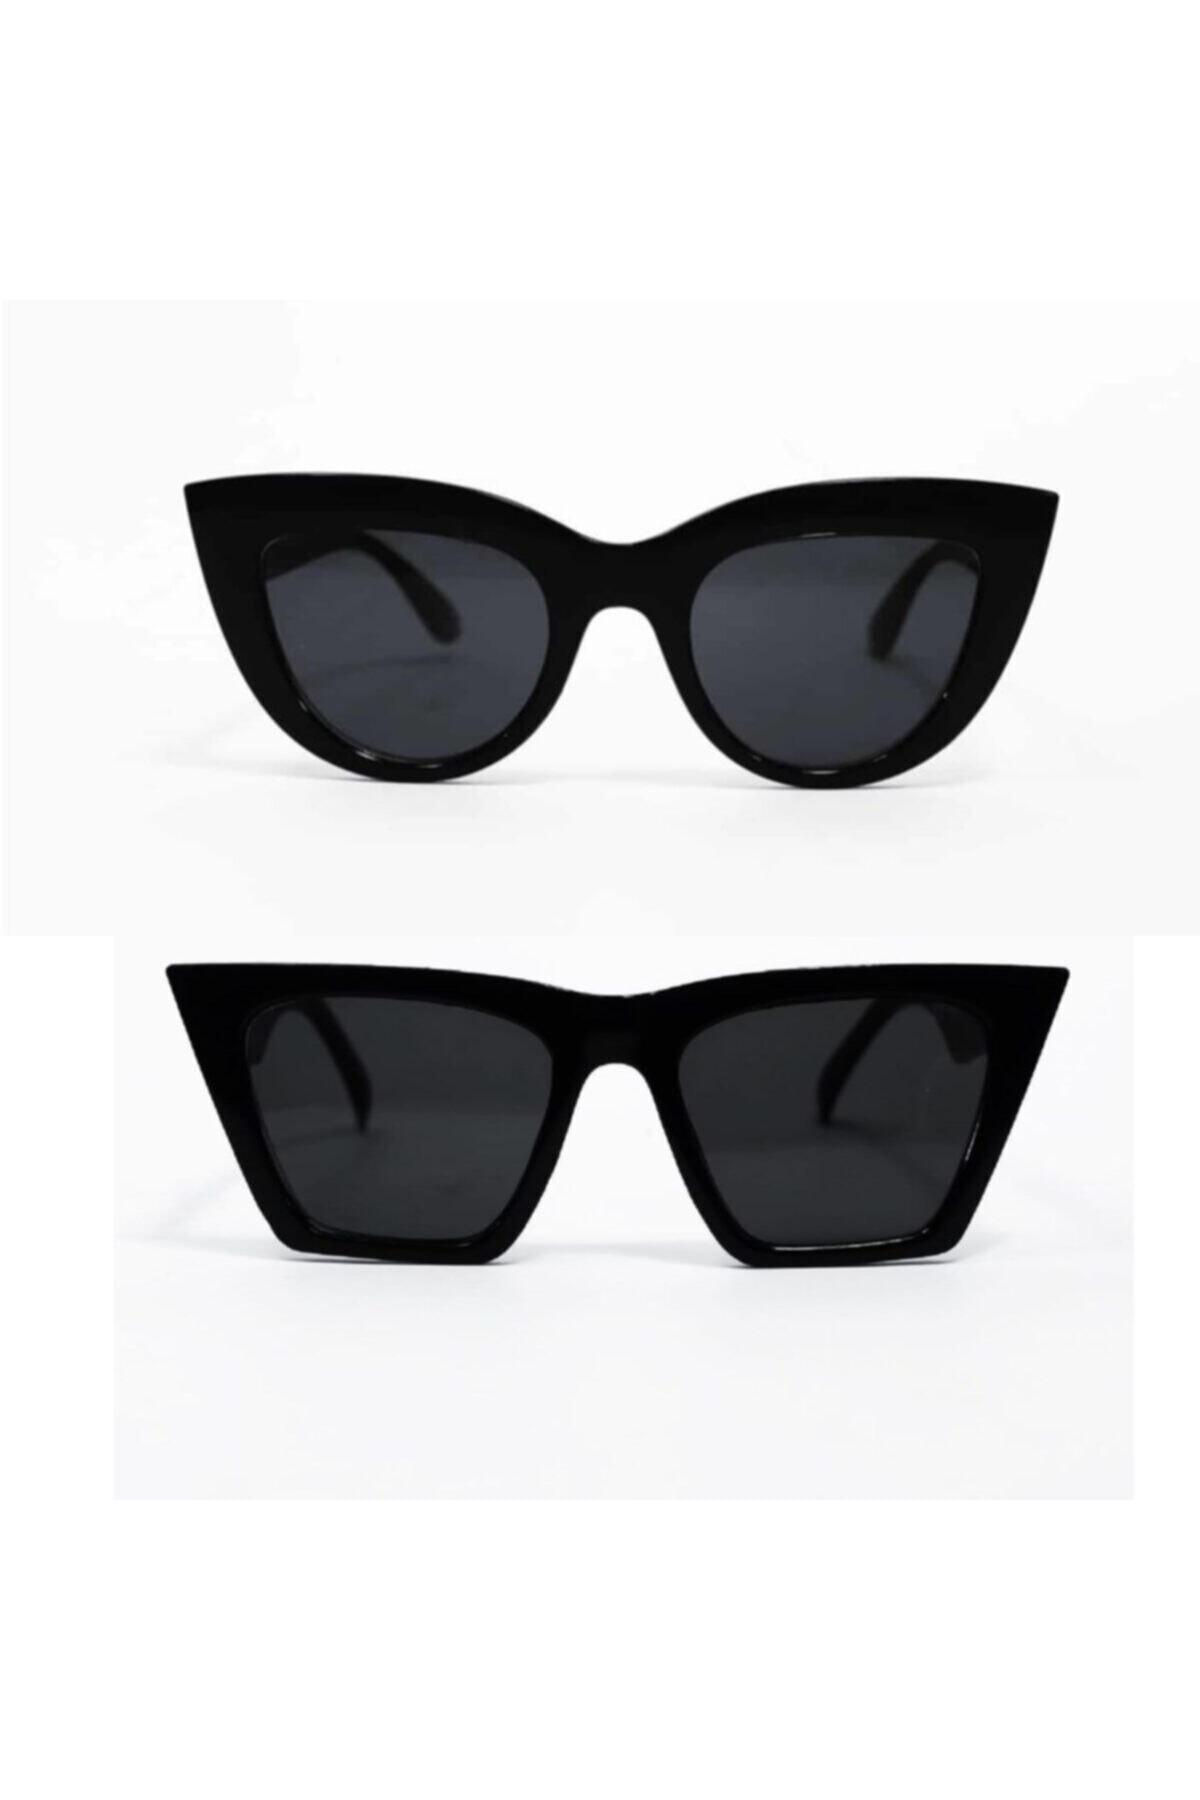 فروشگاه عینک آفتابی زنانه تابستانی برند modaisleri رنگ مشکی کد ty48363472